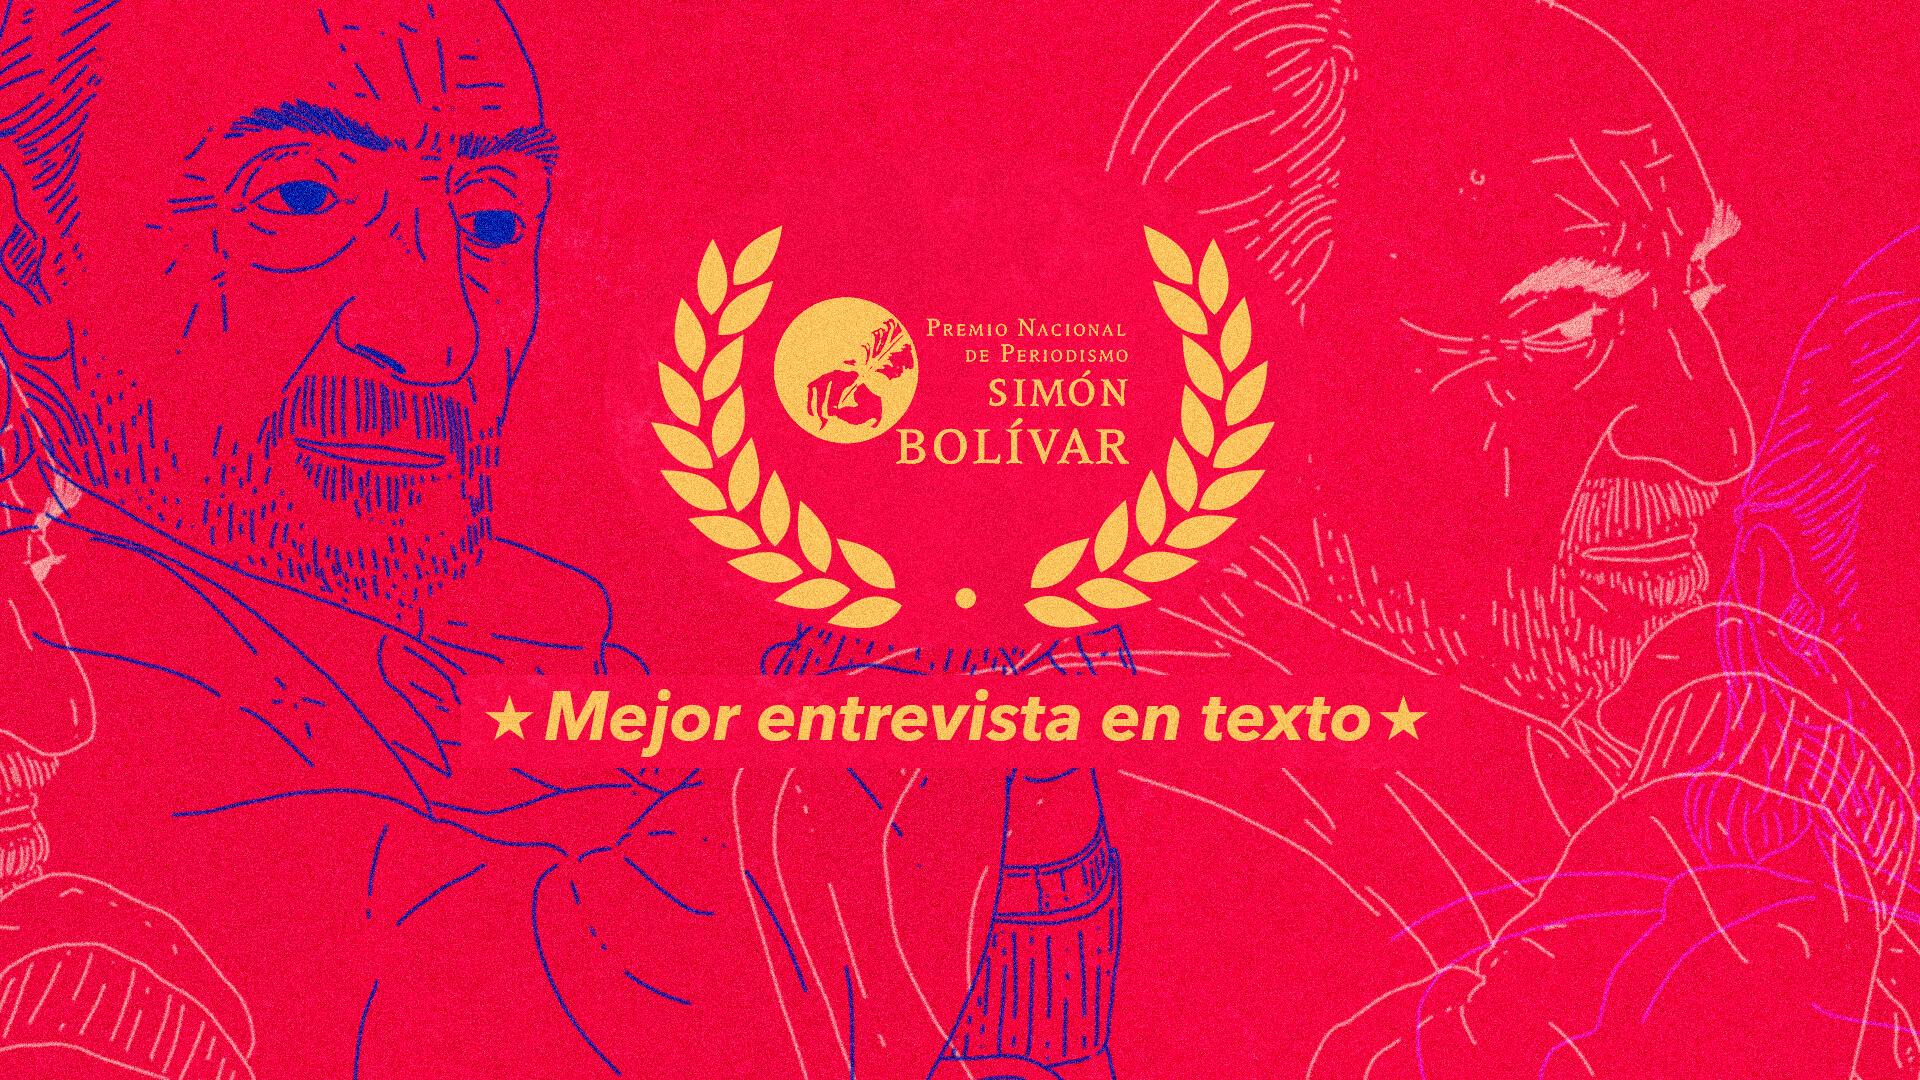 ¡Nos ganamos un Premio Simón Bolívar! La mejor entrevista en texto de 2020 fue para Santiago de Narváez y su charla con Alfredo Molano